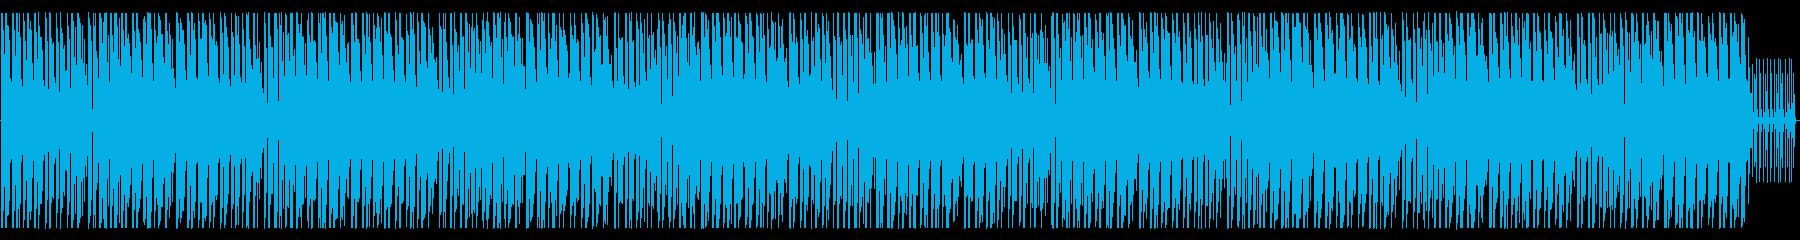 明るく爽やかで、どこか物悲しいメロの曲の再生済みの波形